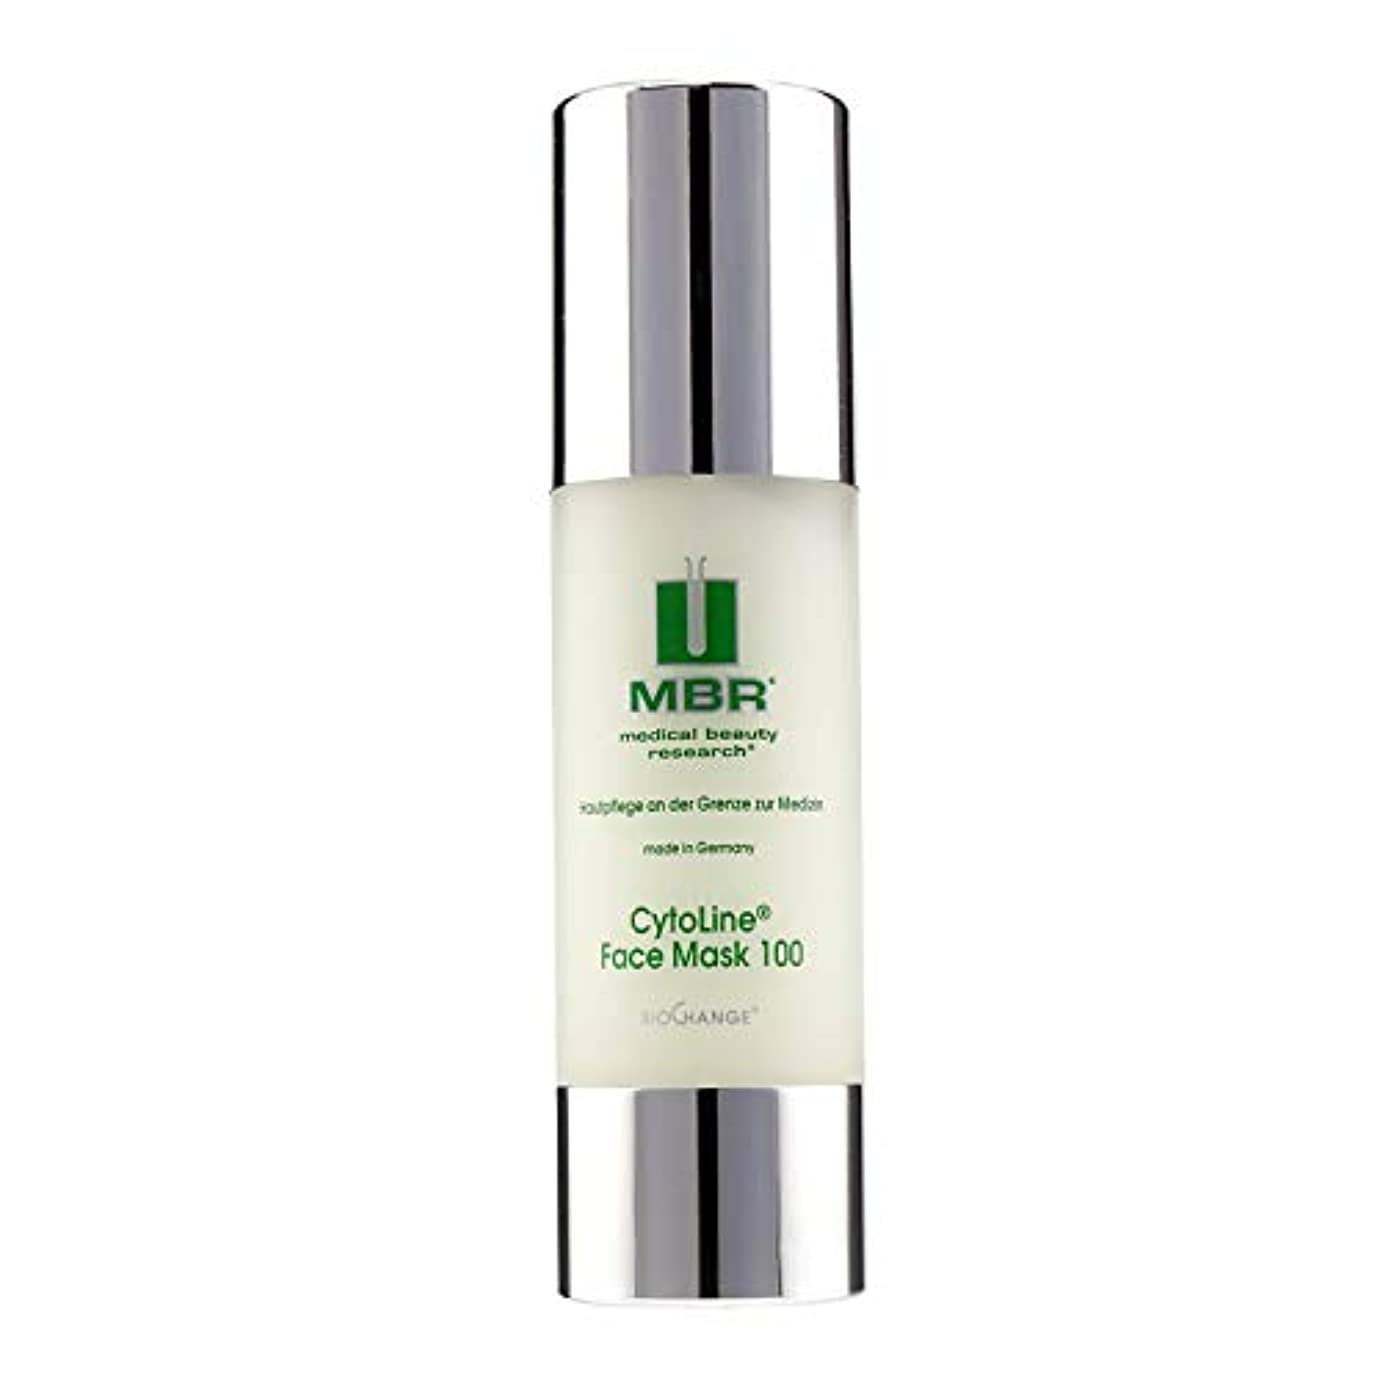 海上ハム新鮮なMBR Medical Beauty Research BioChange Cytoline Face Mask 100 50ml/1.7oz並行輸入品